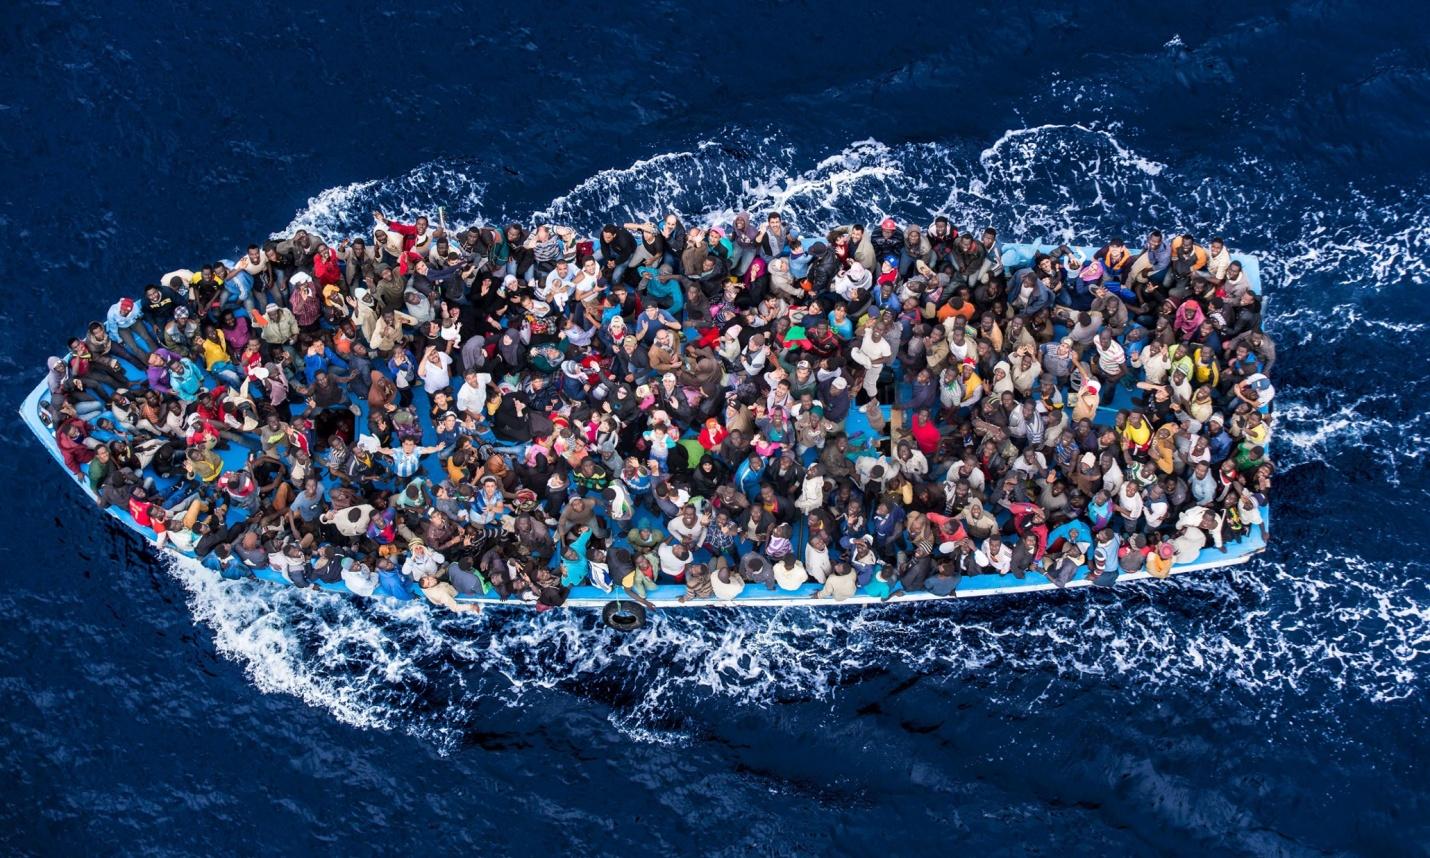 med migrant boat